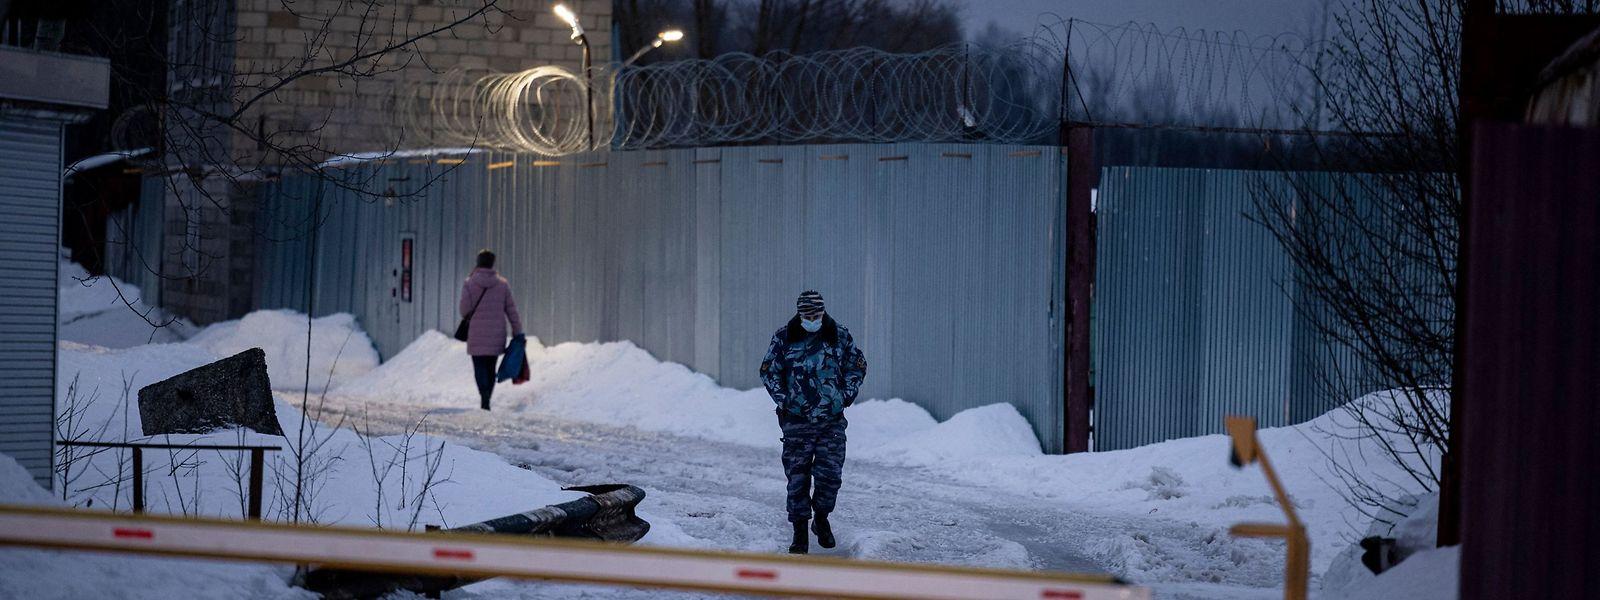 Das Gebiet Wladimir, auf dem die Justizvollzugsanstalt steht, liegt rund 100 Kilometer östlich von Moskau.